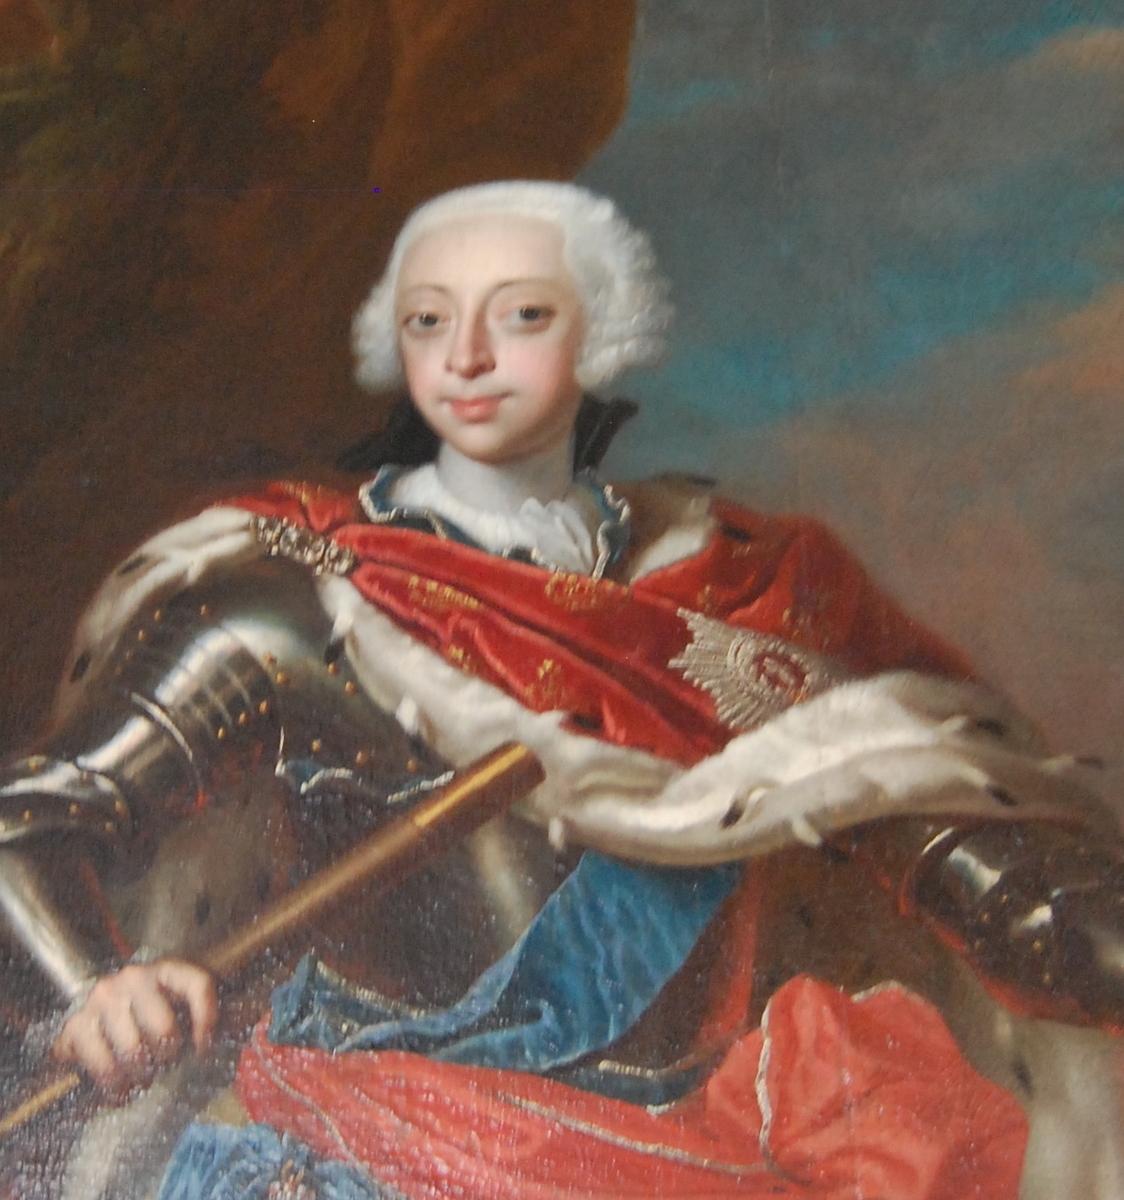 Portrett av Fredrik V av Danmark i helfigur, stående, ikledd en gul tunika under en brystplate, med en rød kappe med hermelinpels.